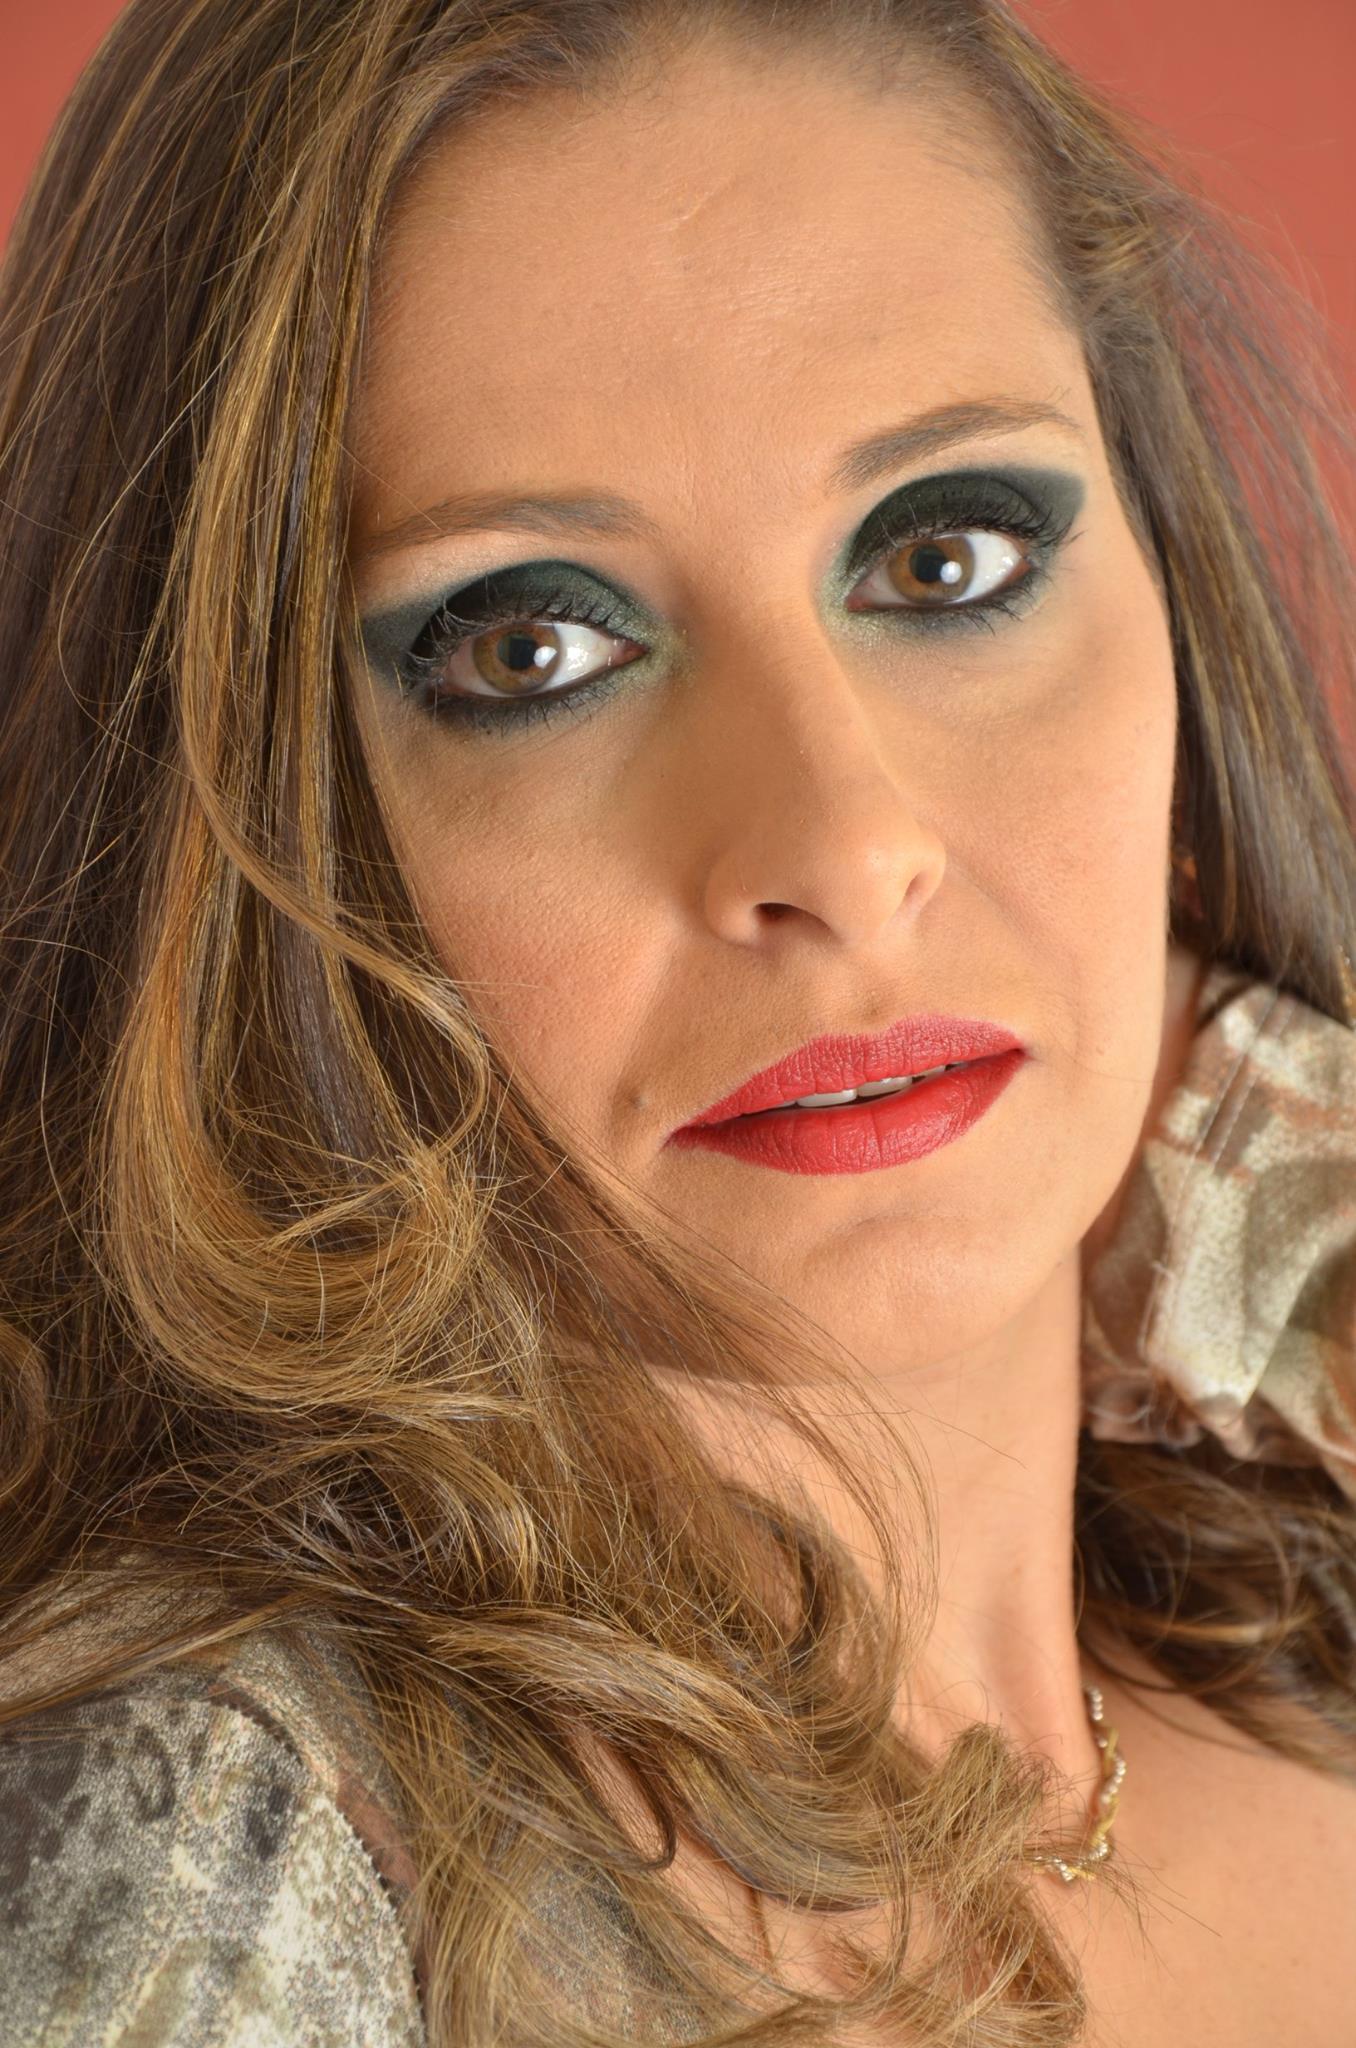 DIA DE DIVA cabeleireiro(a) depilador(a) designer de sobrancelhas maquiador(a) esteticista